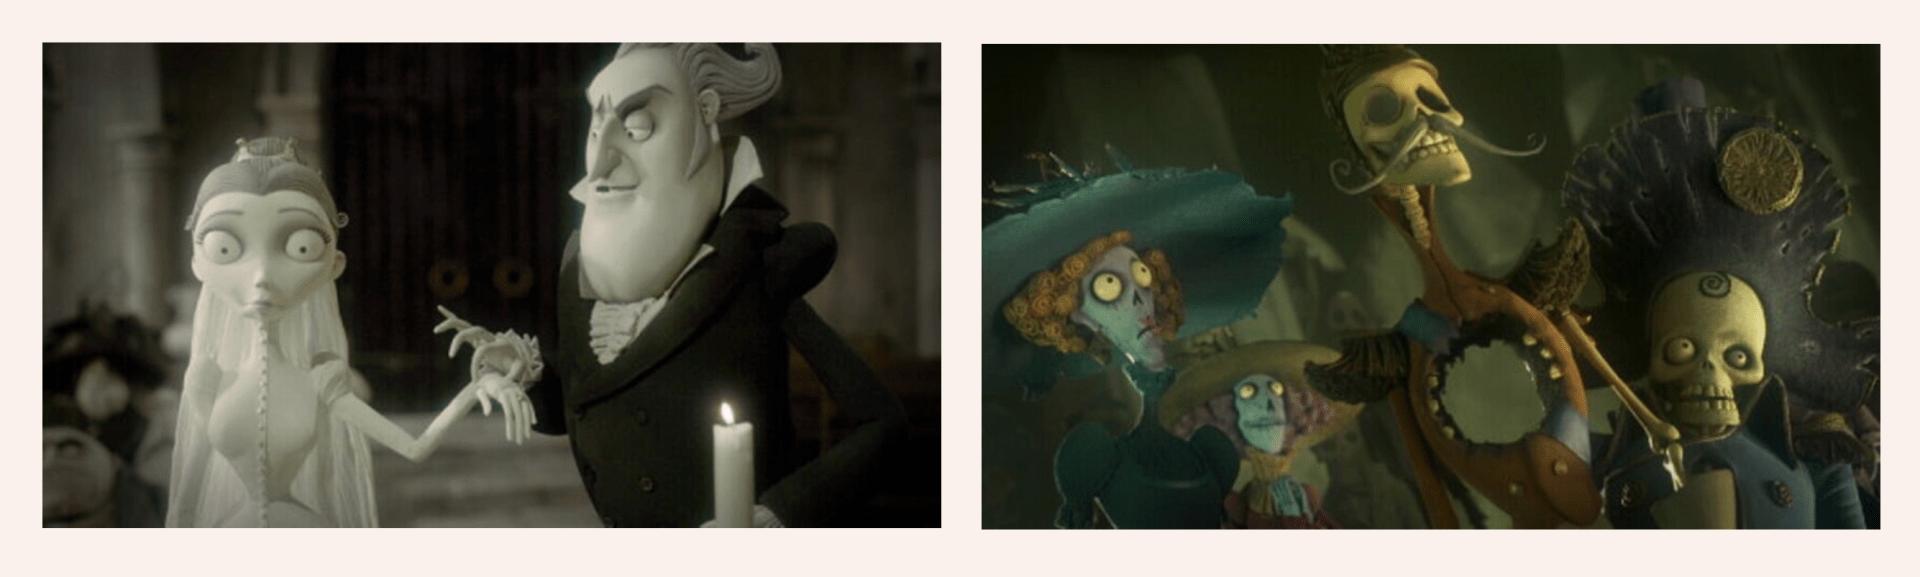 Dos fotogramas de La Novia Cadáver